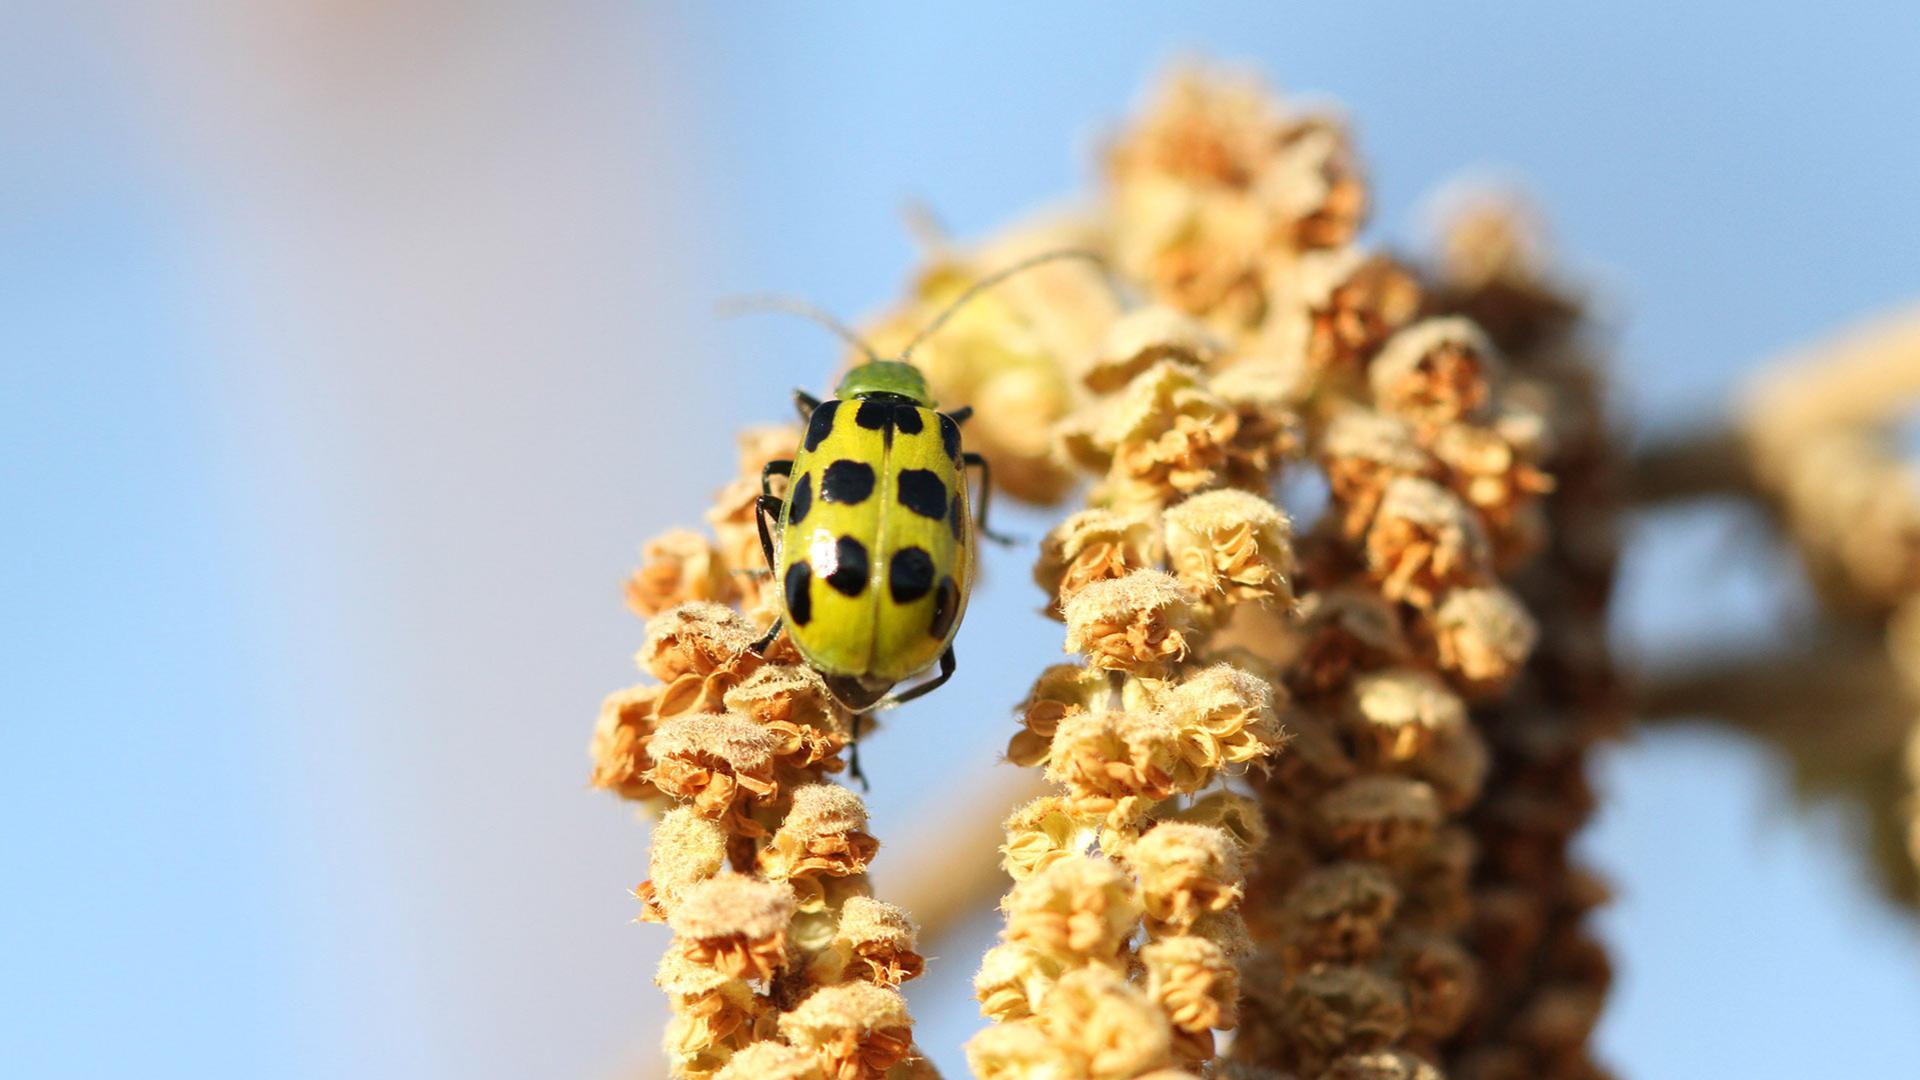 Beetle image